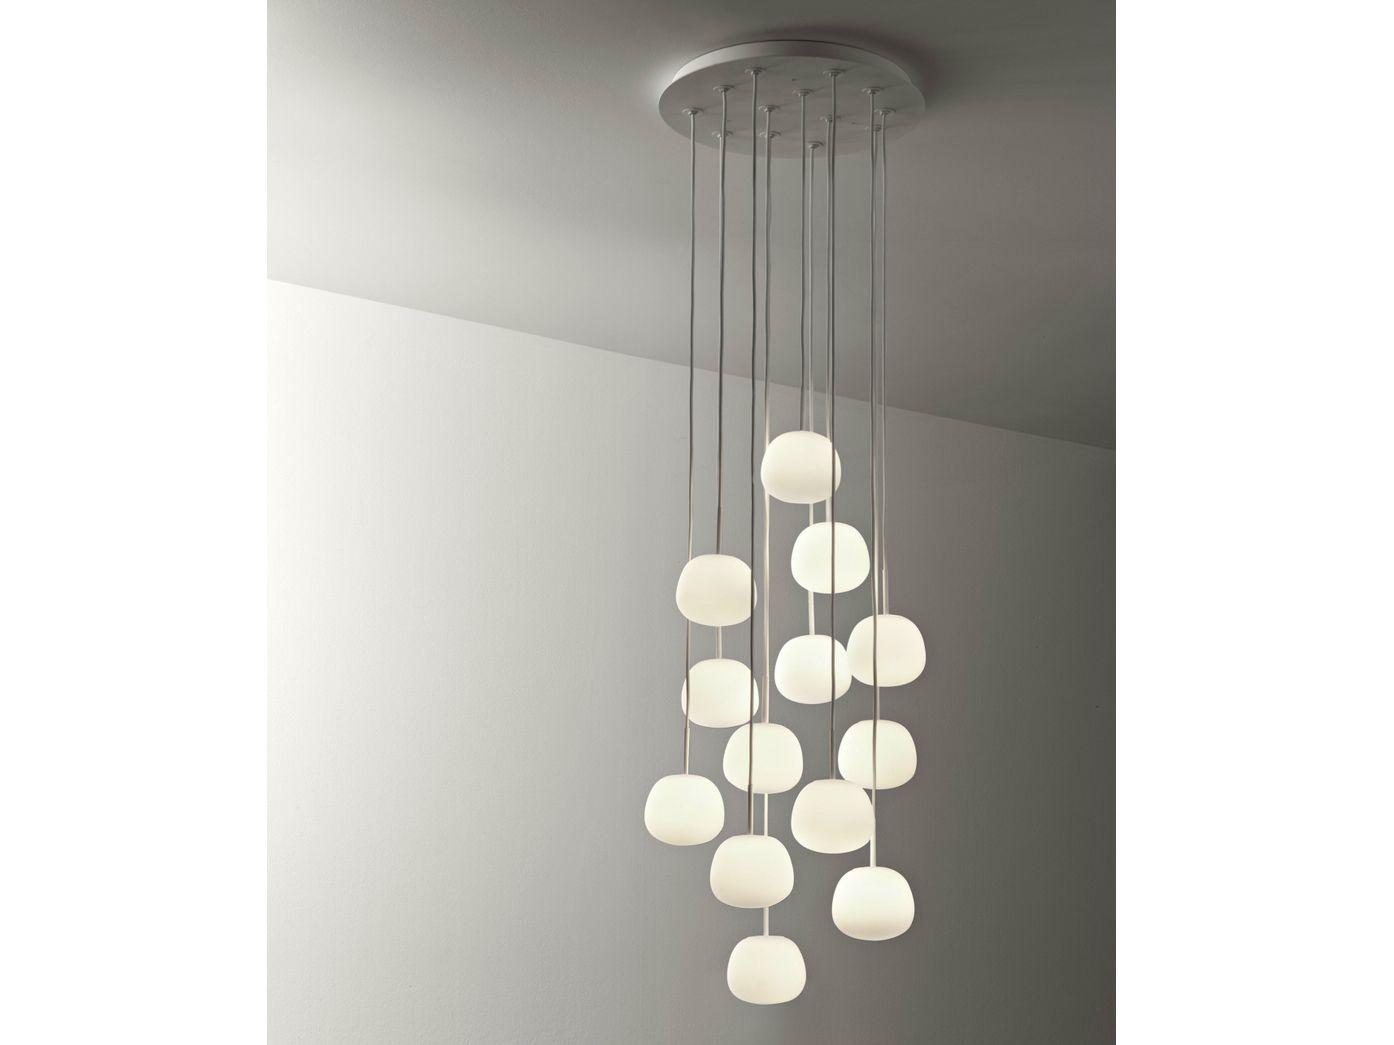 Lumi mochi lampada a sospensione by fabbian design alberto saggia ...